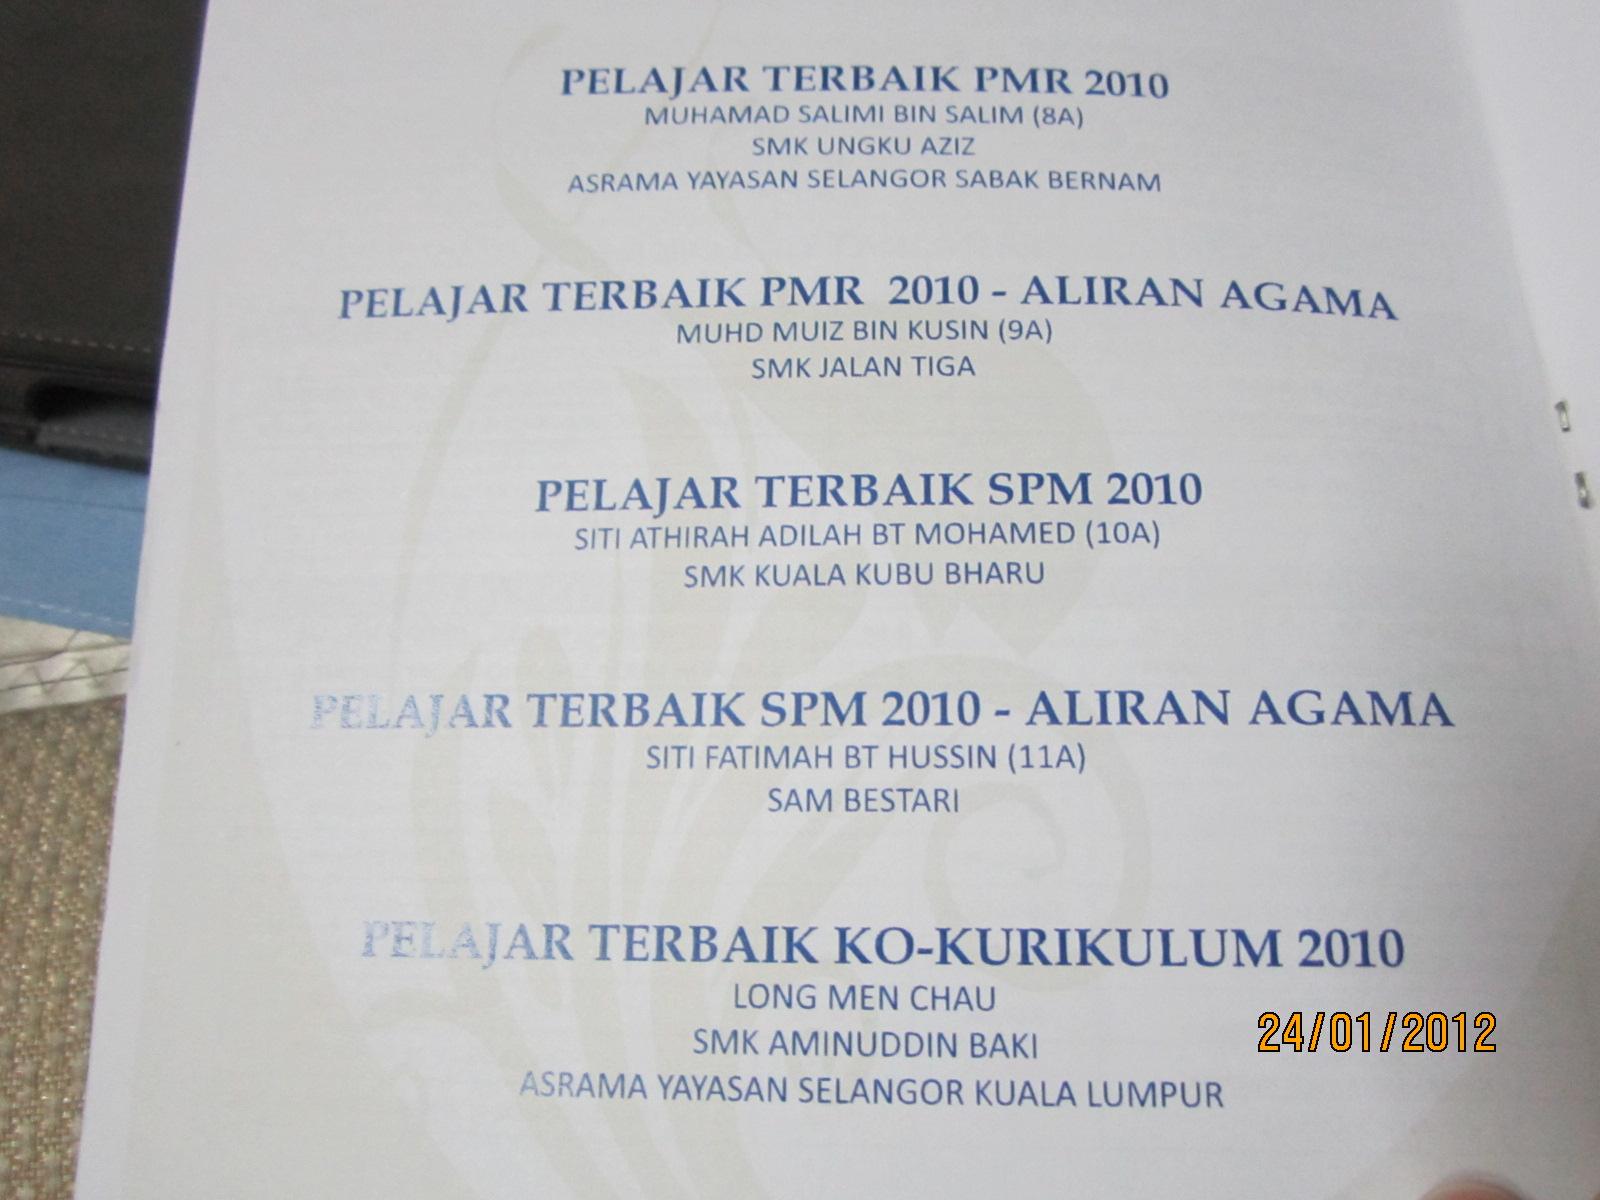 Yayasan Selangor Melahirkan Pelajar Cemerlang Sekolah Agama Amat Menyerlah N45 Dr Halimah Ali